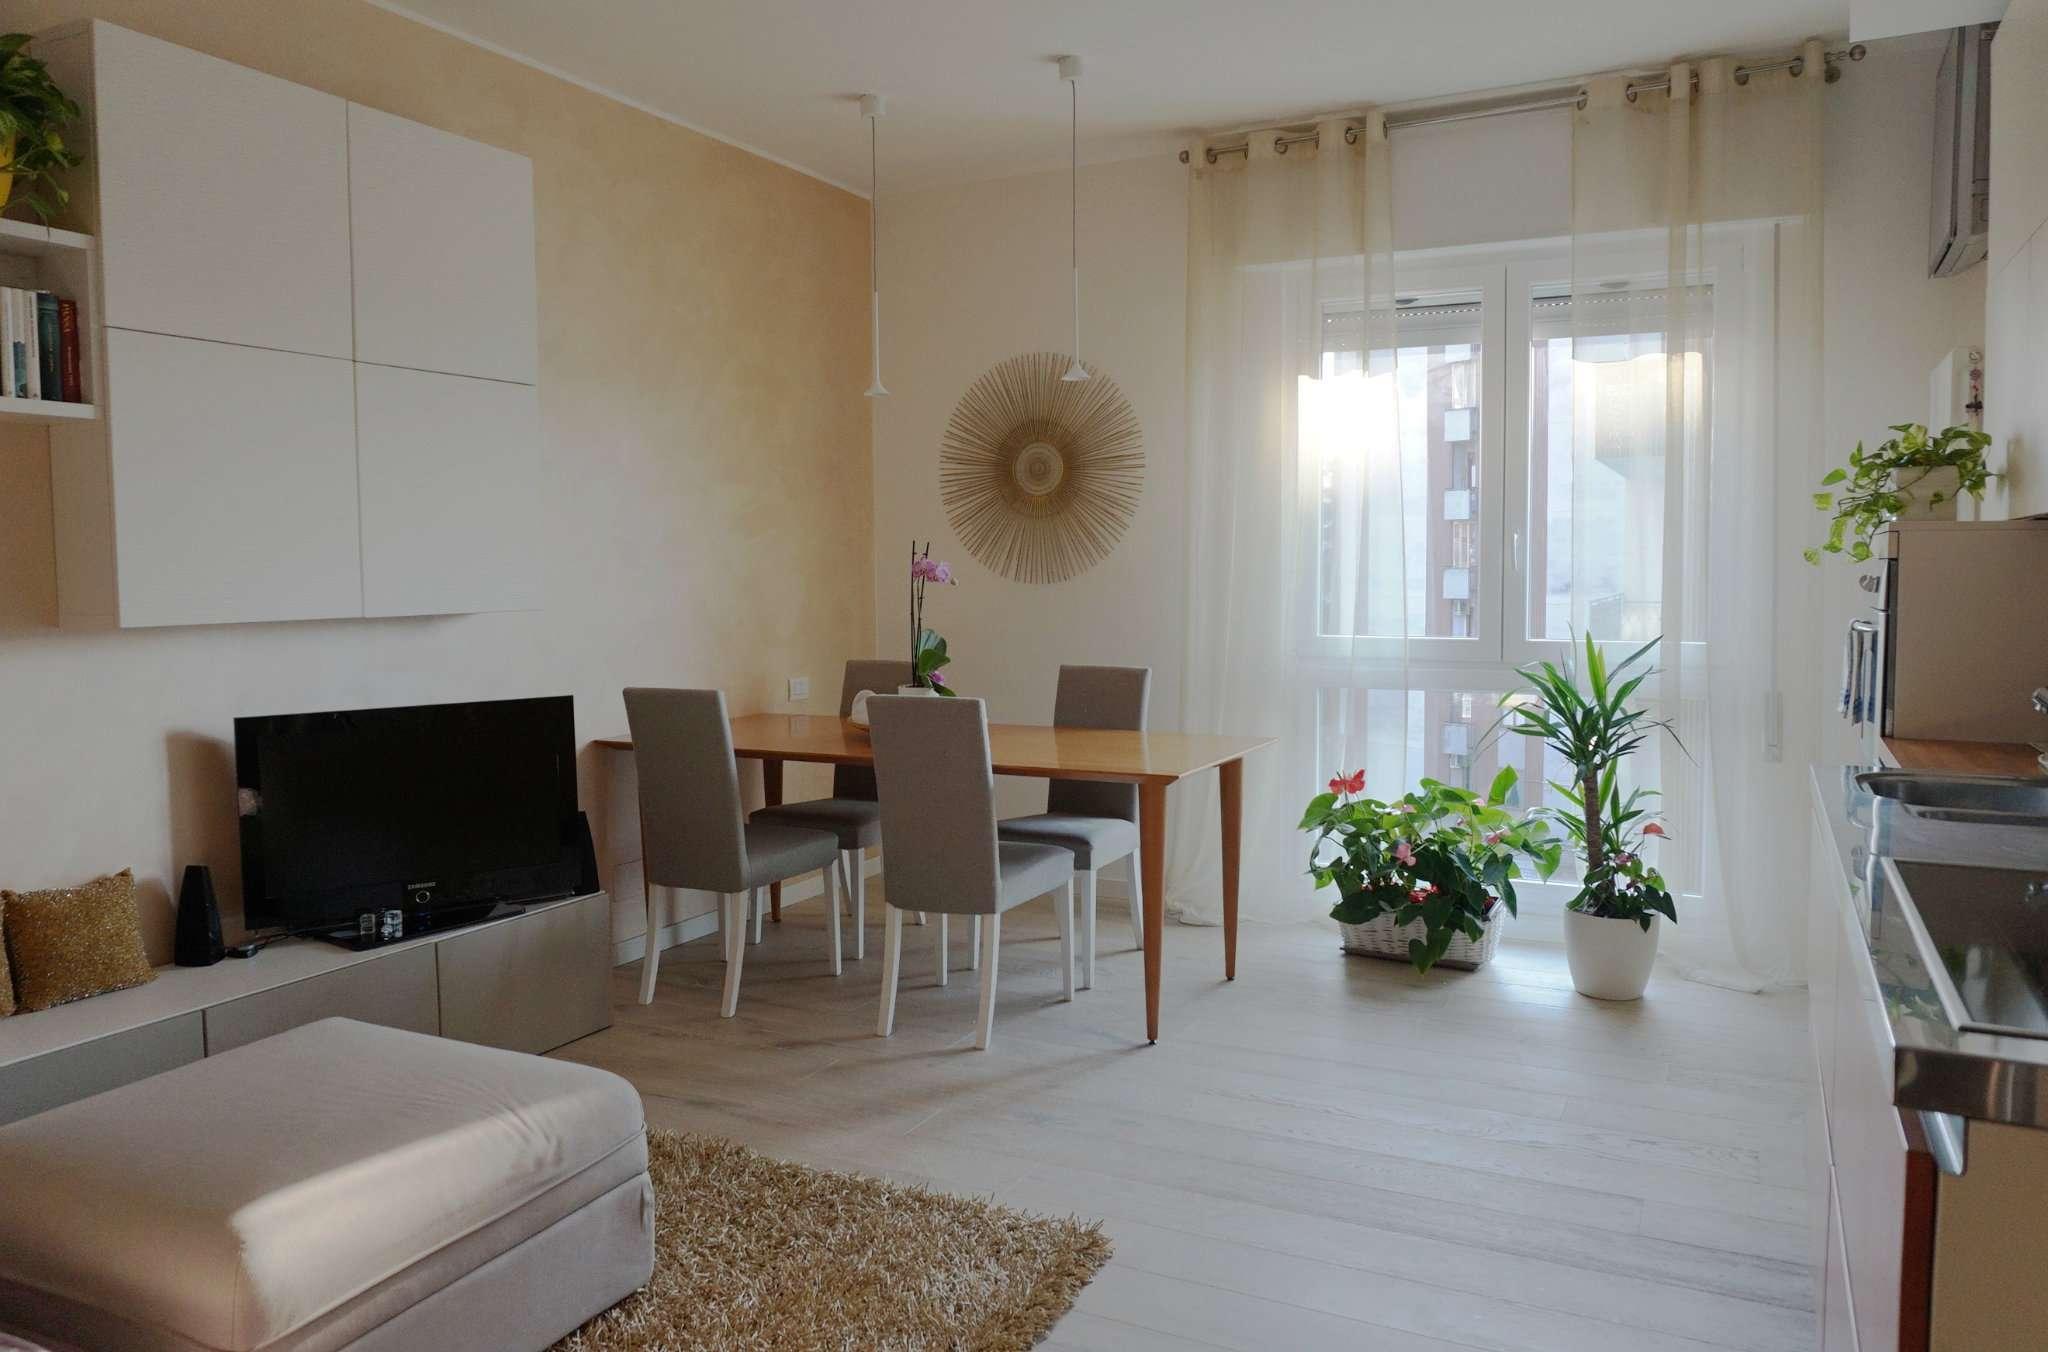 Appartamento in vendita a San Donato Milanese, 4 locali, prezzo € 290.000 | CambioCasa.it